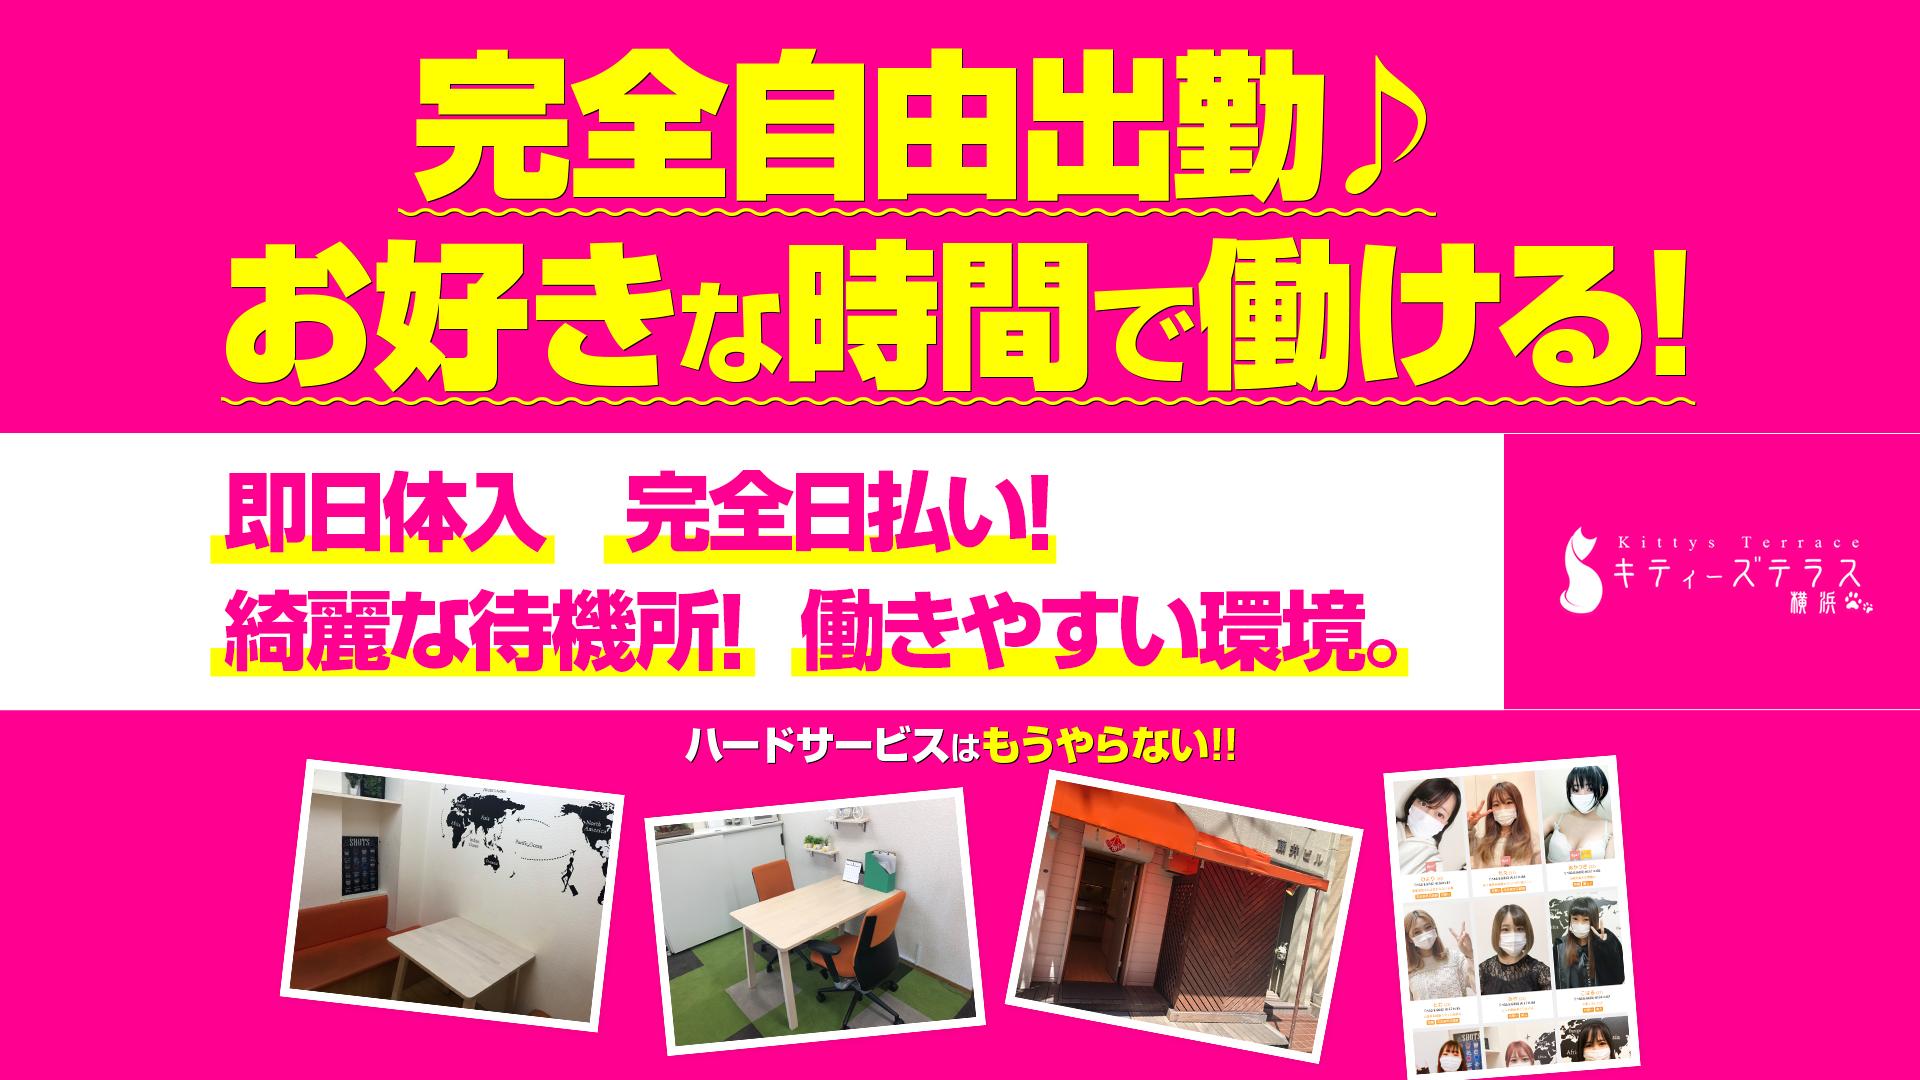 キティーズテラス横浜店(ステラグループ)の求人画像